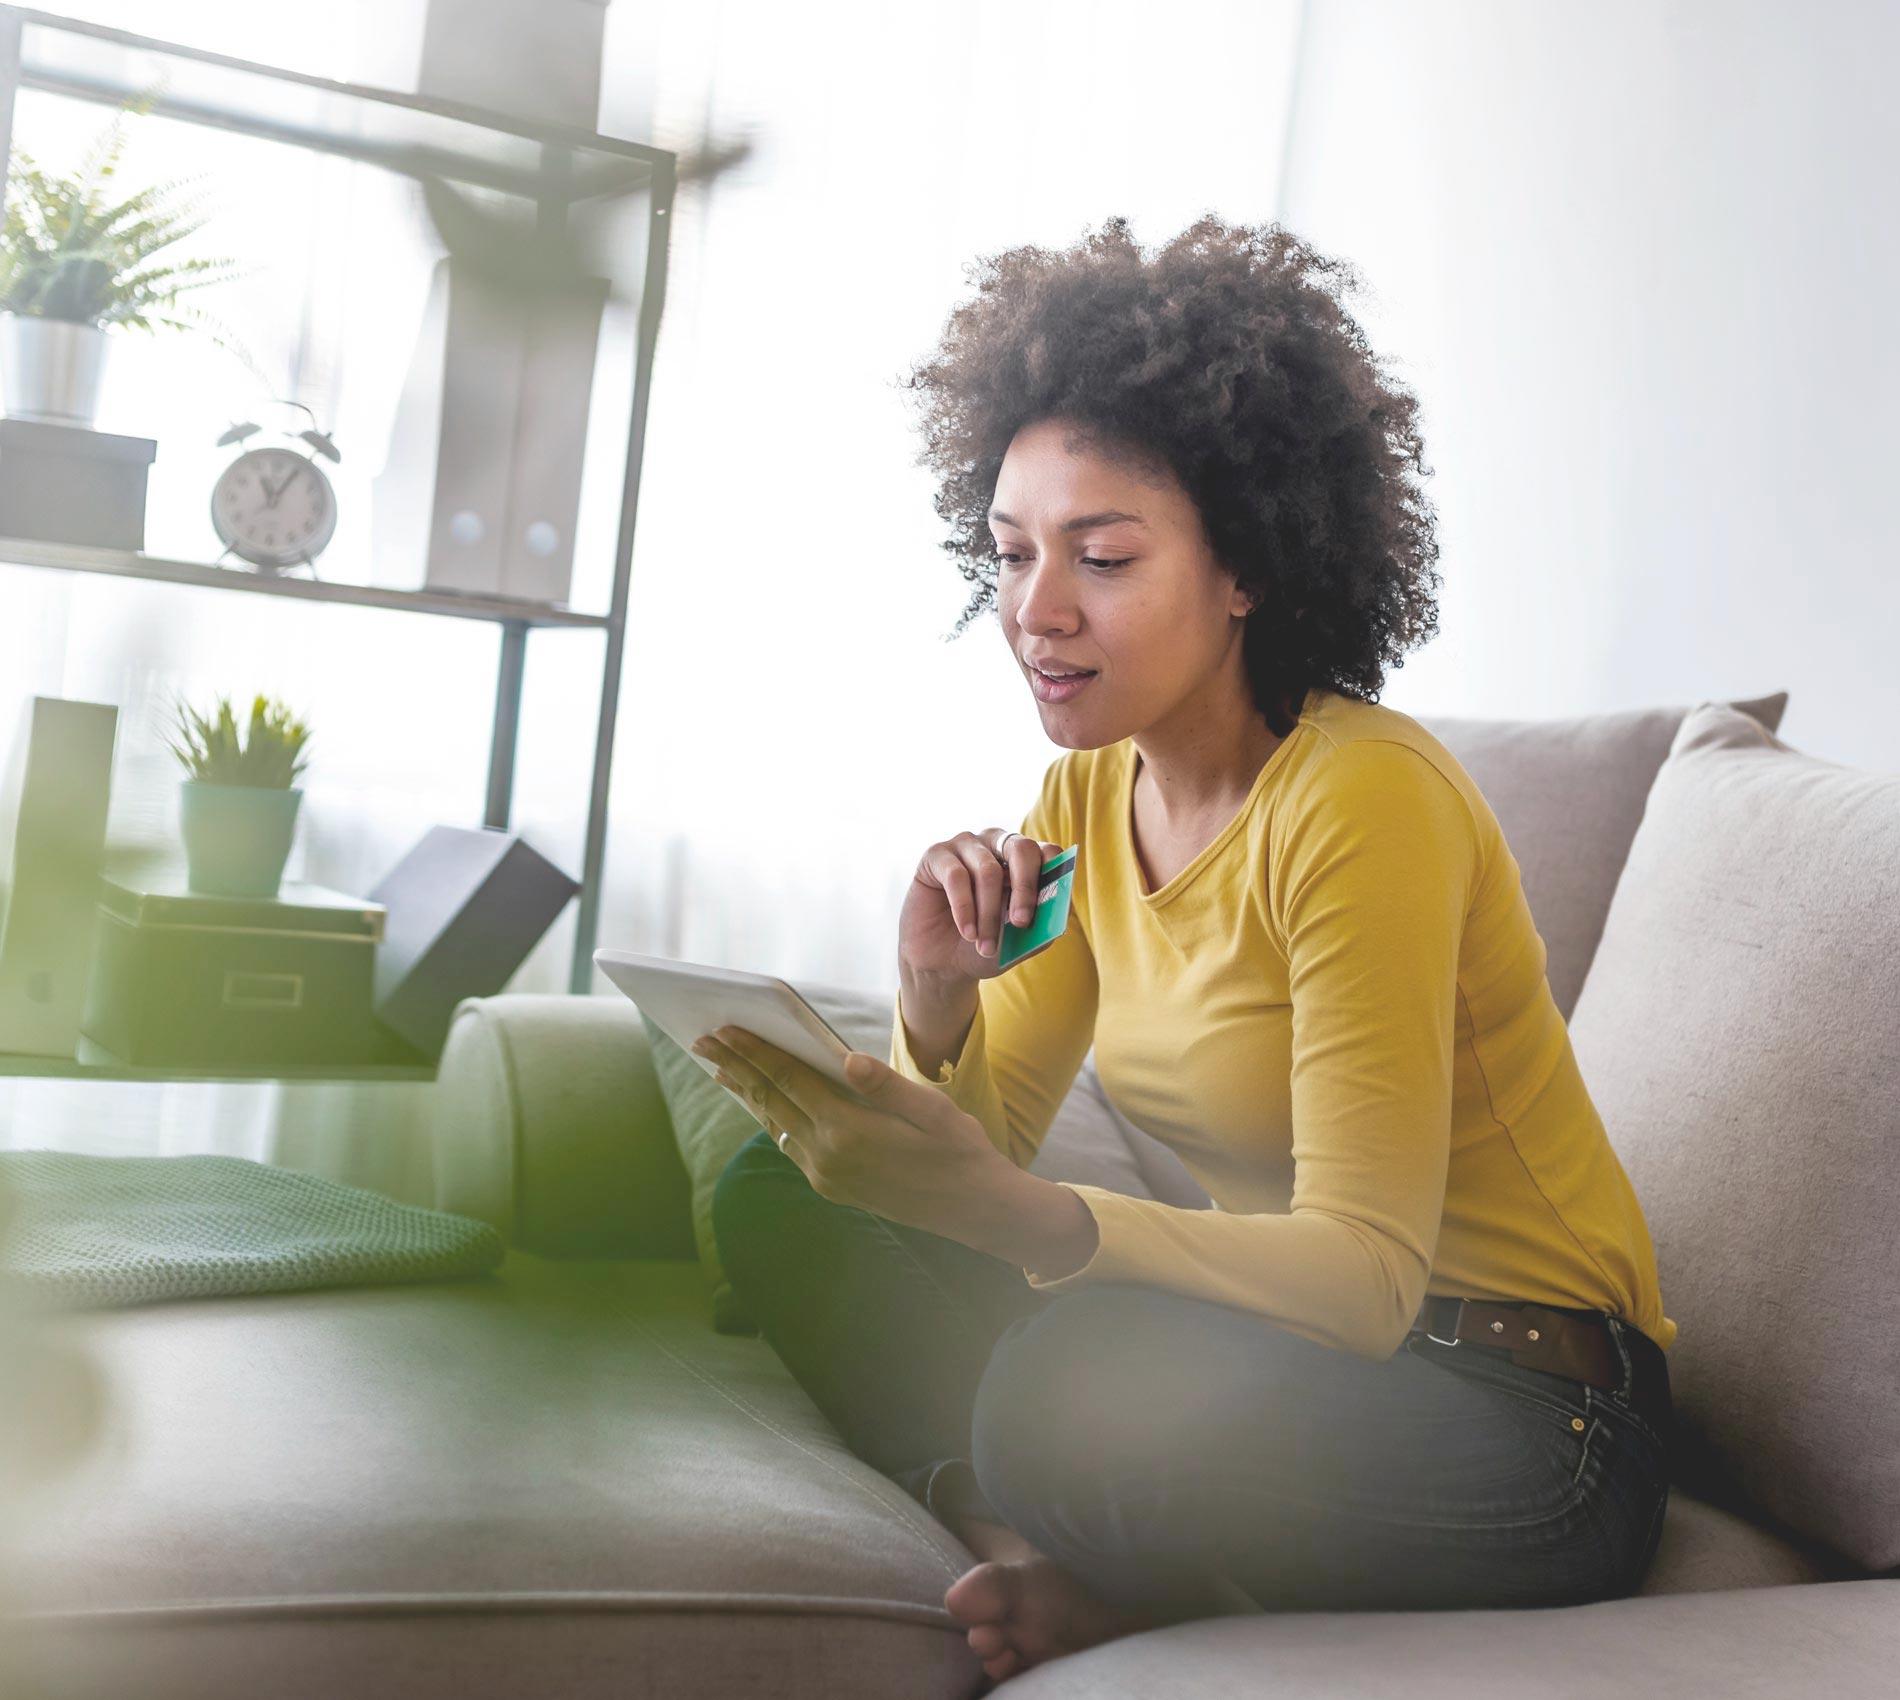 41,1 milhões de internautas compram online no Brasil